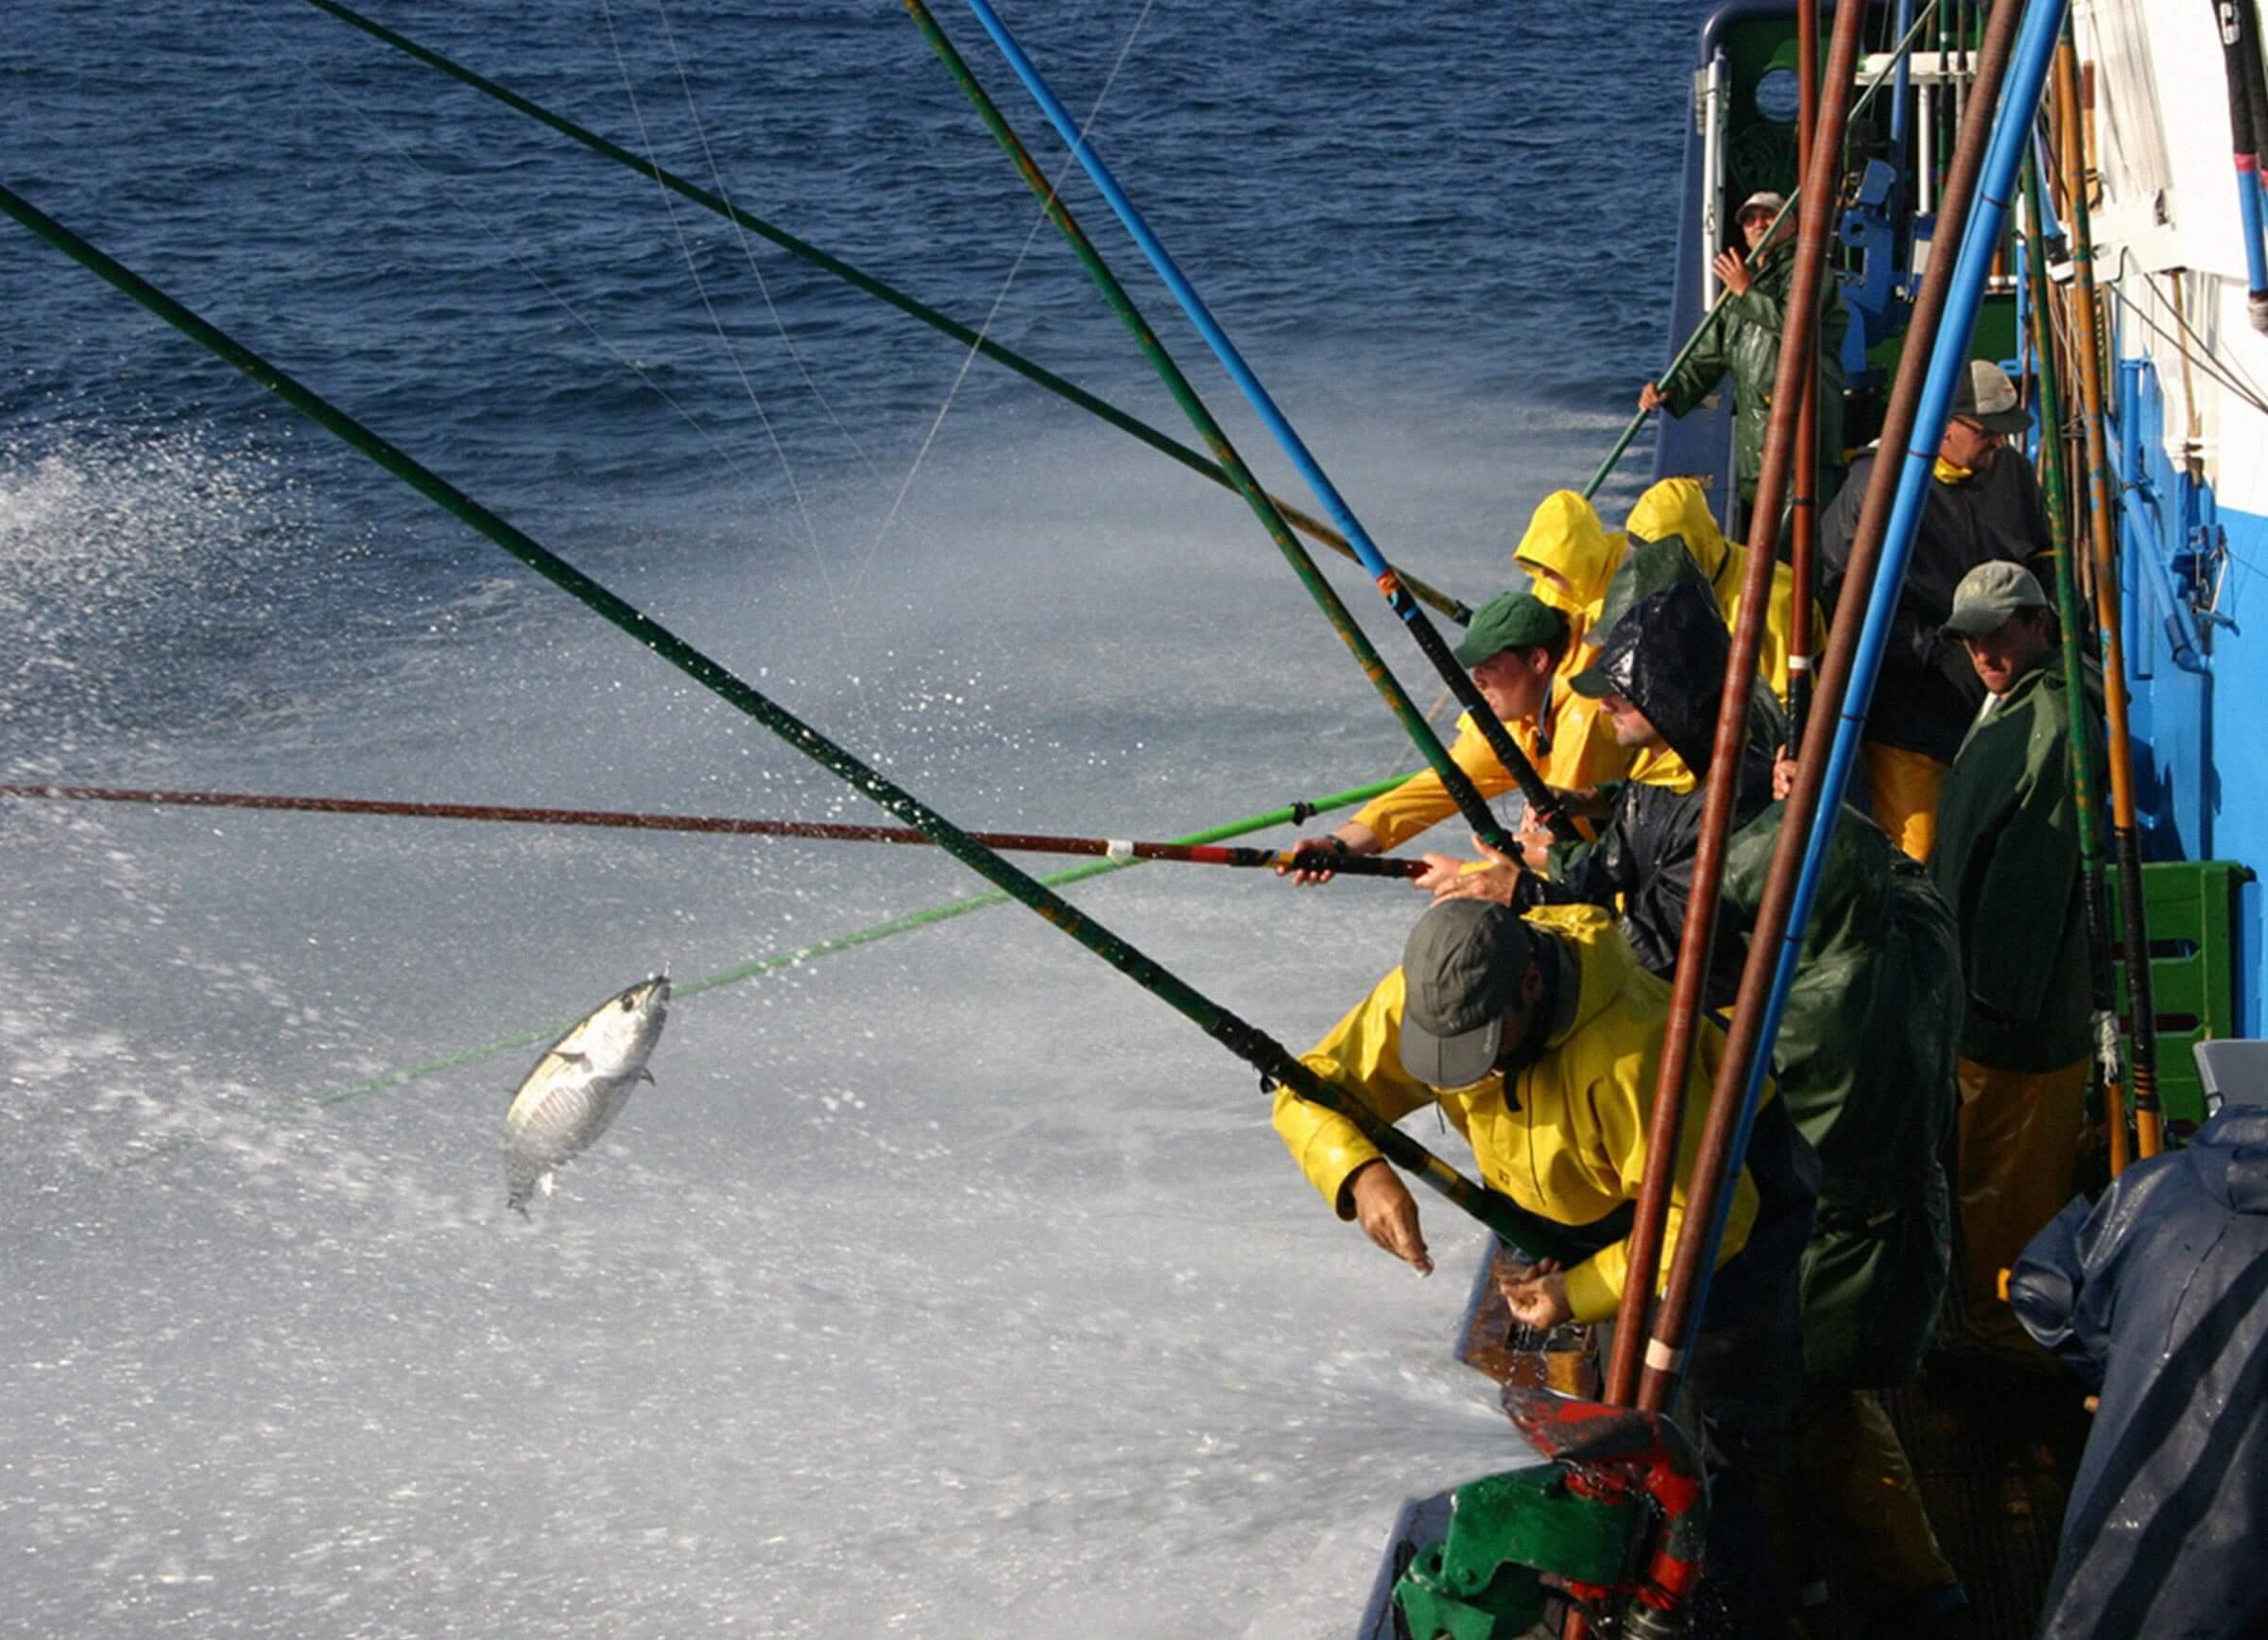 predición operacional de bonito. Gestión pesquera sostenible